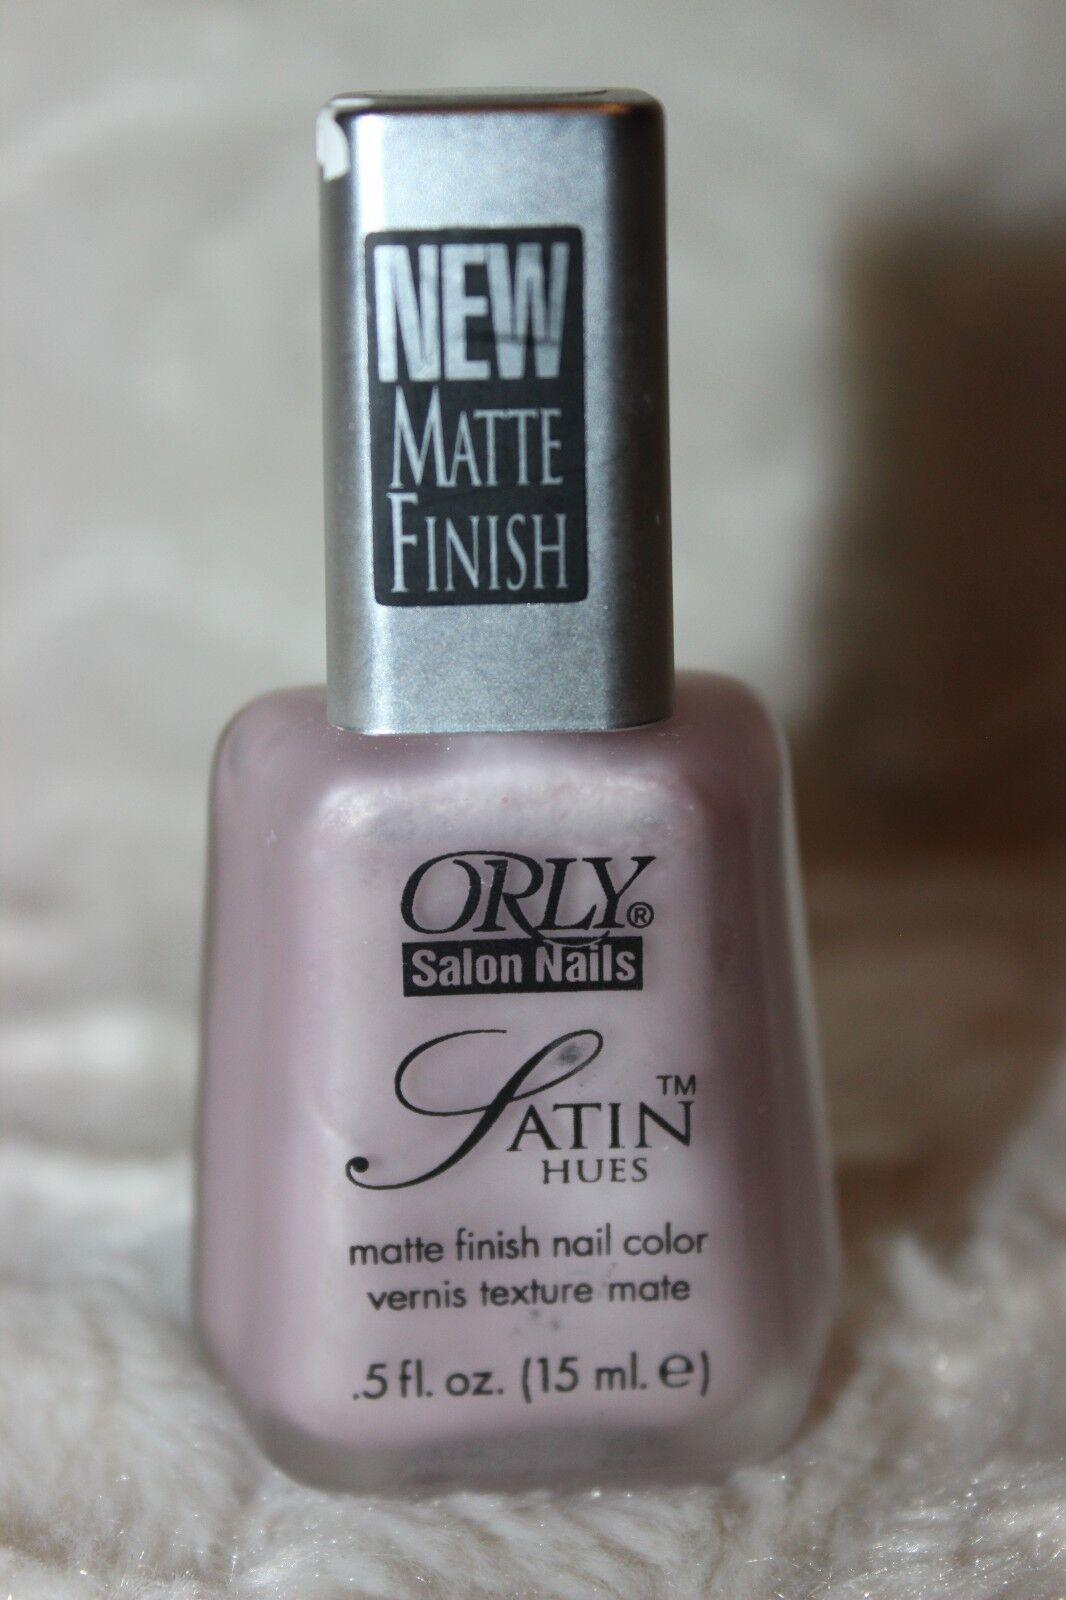 ORLY Salon Nails Satin Hues Matte Nail Polish Lacquer 704 Satin ...